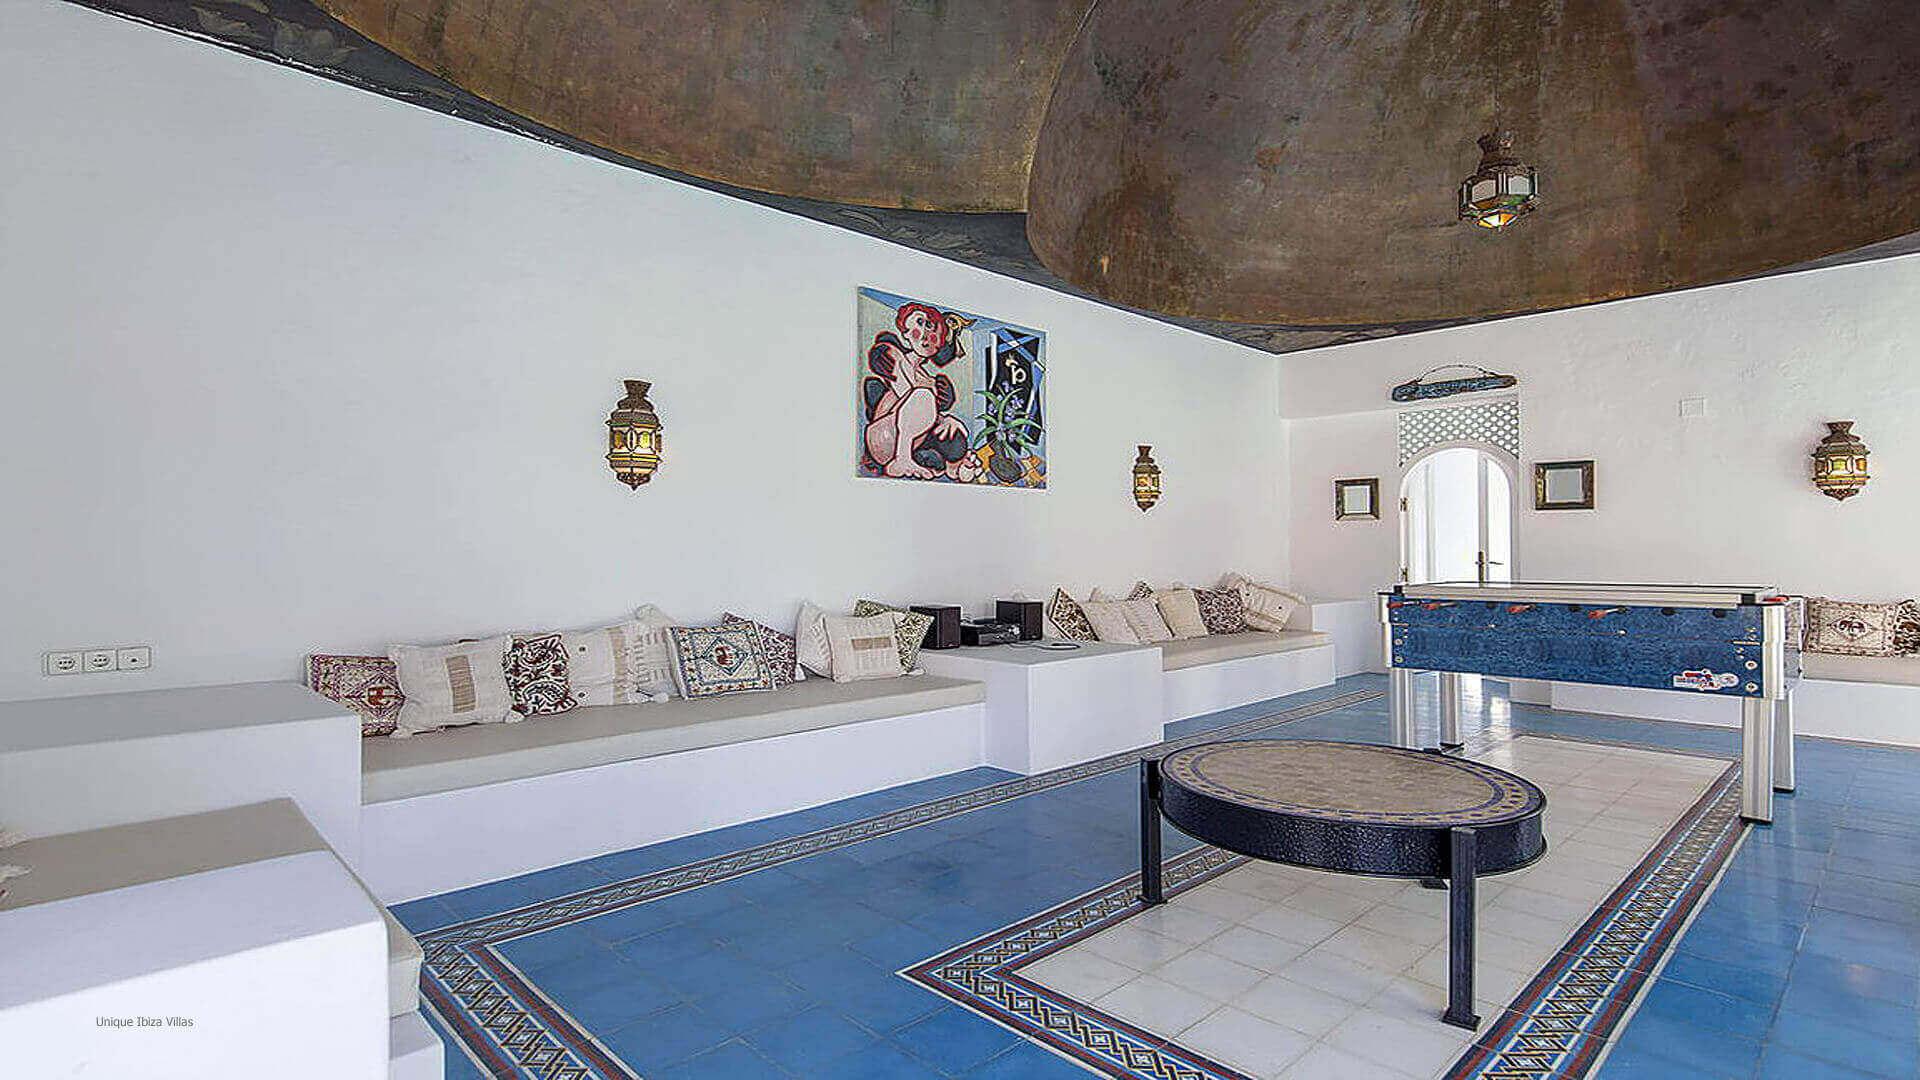 Villa Cigala Ibiza 48 Pool House